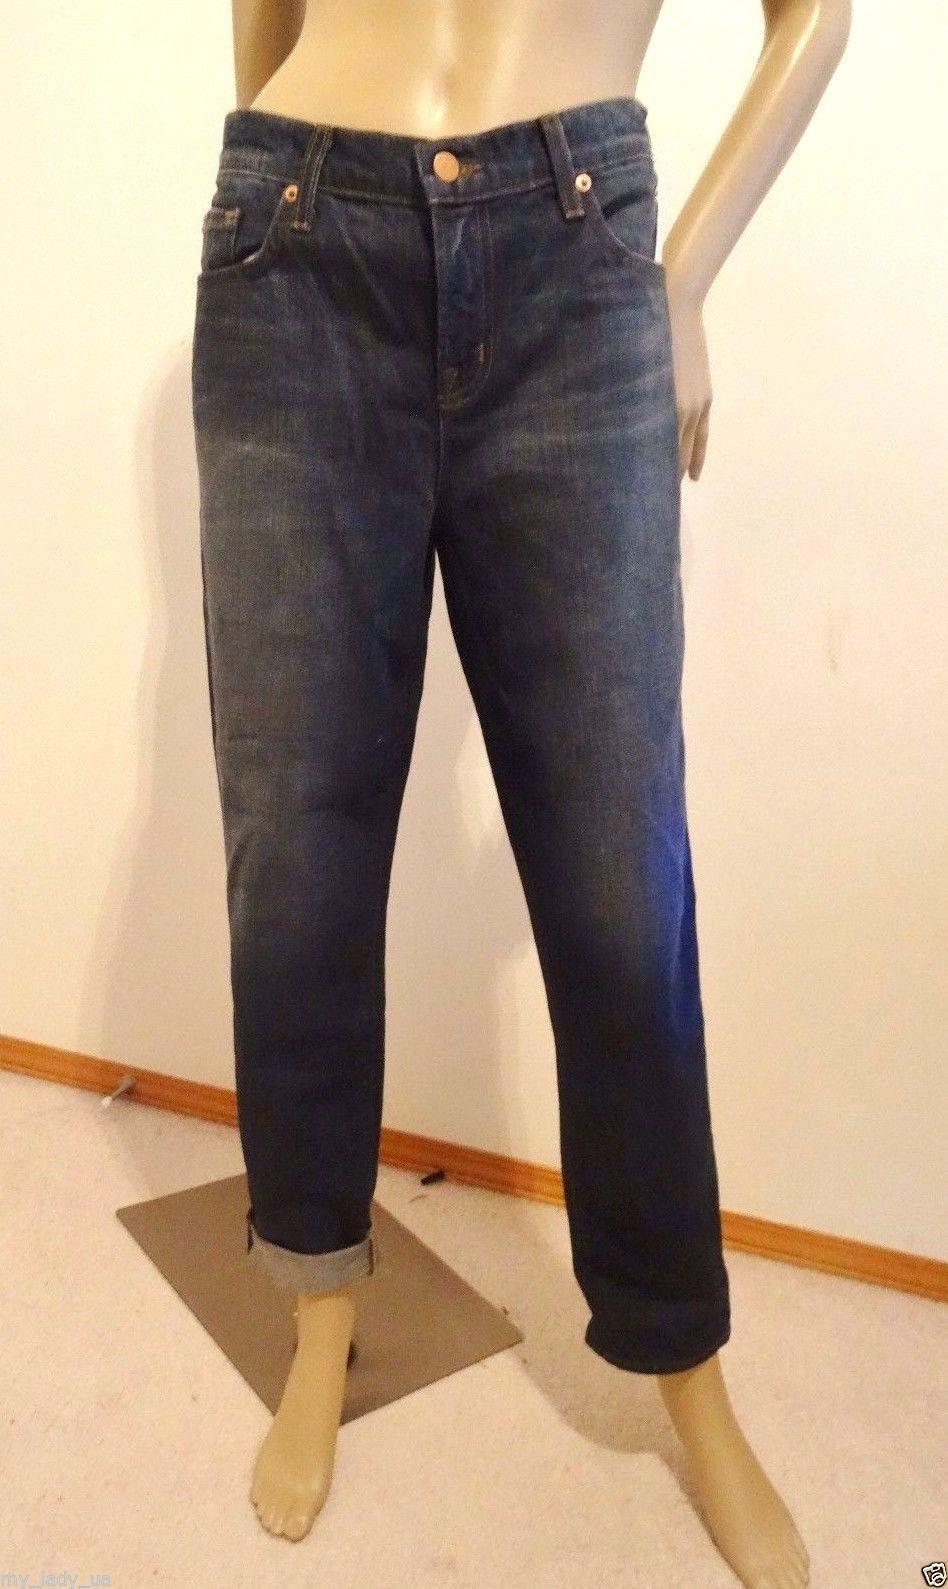 Nwt J Brand Designer Aiden Boyfriend Denim Jeans Sz 29 8 Ringer Dark Wash $169